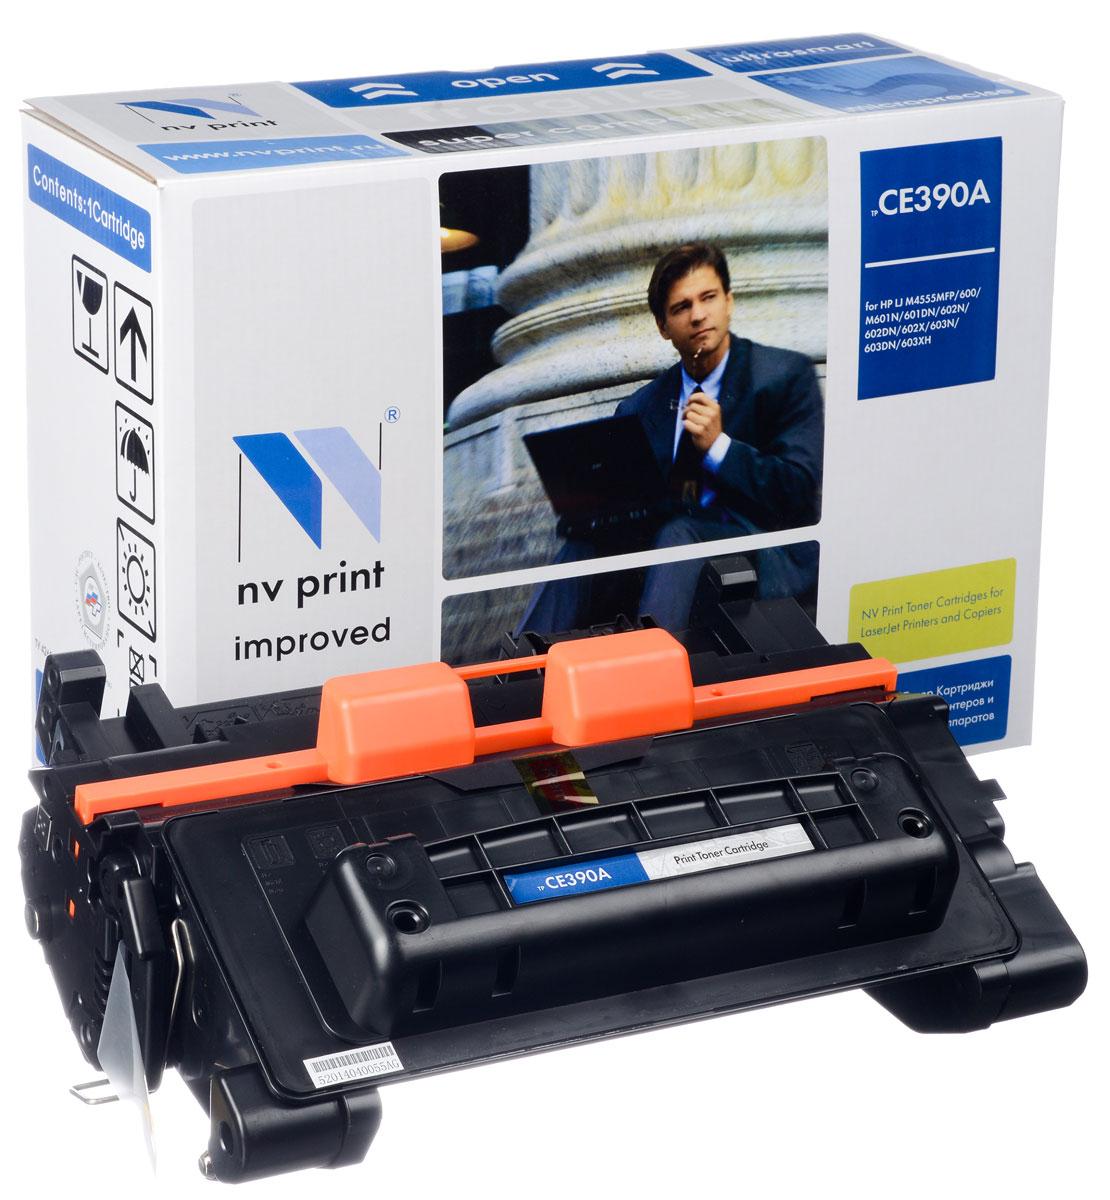 NV Print NV-CE390A, Black тонер-картридж для HP LaserJet M4555MFP/600/M601N/M601DN/602N/602DN/602X/603N/603DN/603XHNV-CE390AСовместимый лазерный картридж NV Print NV-CE390A для печатающих устройств HP - это альтернатива приобретению оригинальных расходных материалов. При этом качество печати остается высоким. Картридж обеспечивает повышенную чёткость чёрного текста и плавность переходов оттенков серого цвета и полутонов, позволяет отображать мельчайшие детали изображения. Лазерные принтеры, копировальные аппараты и МФУ являются более выгодными в печати, чем струйные устройства, так как лазерных картриджей хватает на значительно большее количество отпечатков, чем обычных. Для печати в данном случае используются не чернила, а тонер.